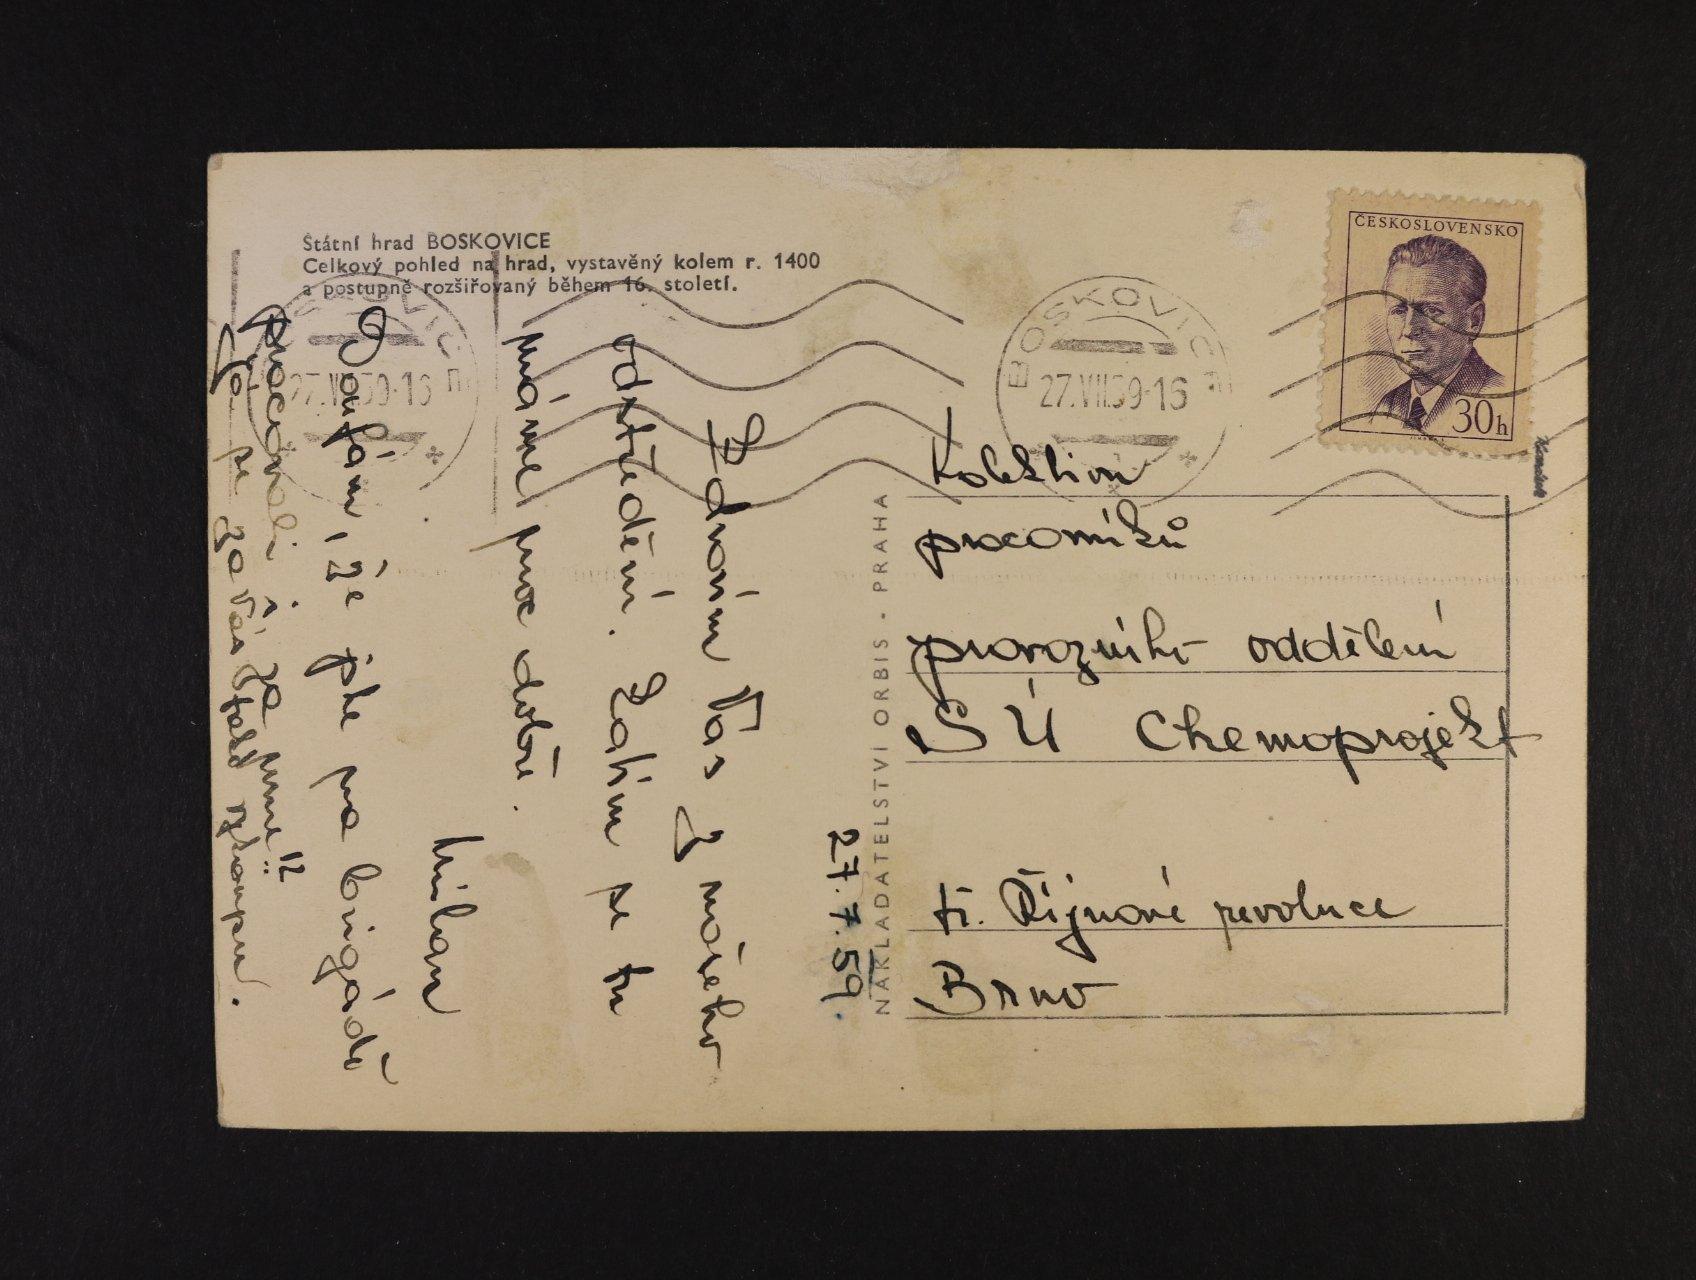 celistvost frank. zn. č. 1091x - fialový chybotisk, pod. raz. BOSKOVICE 27.7.59, zk. Karásek